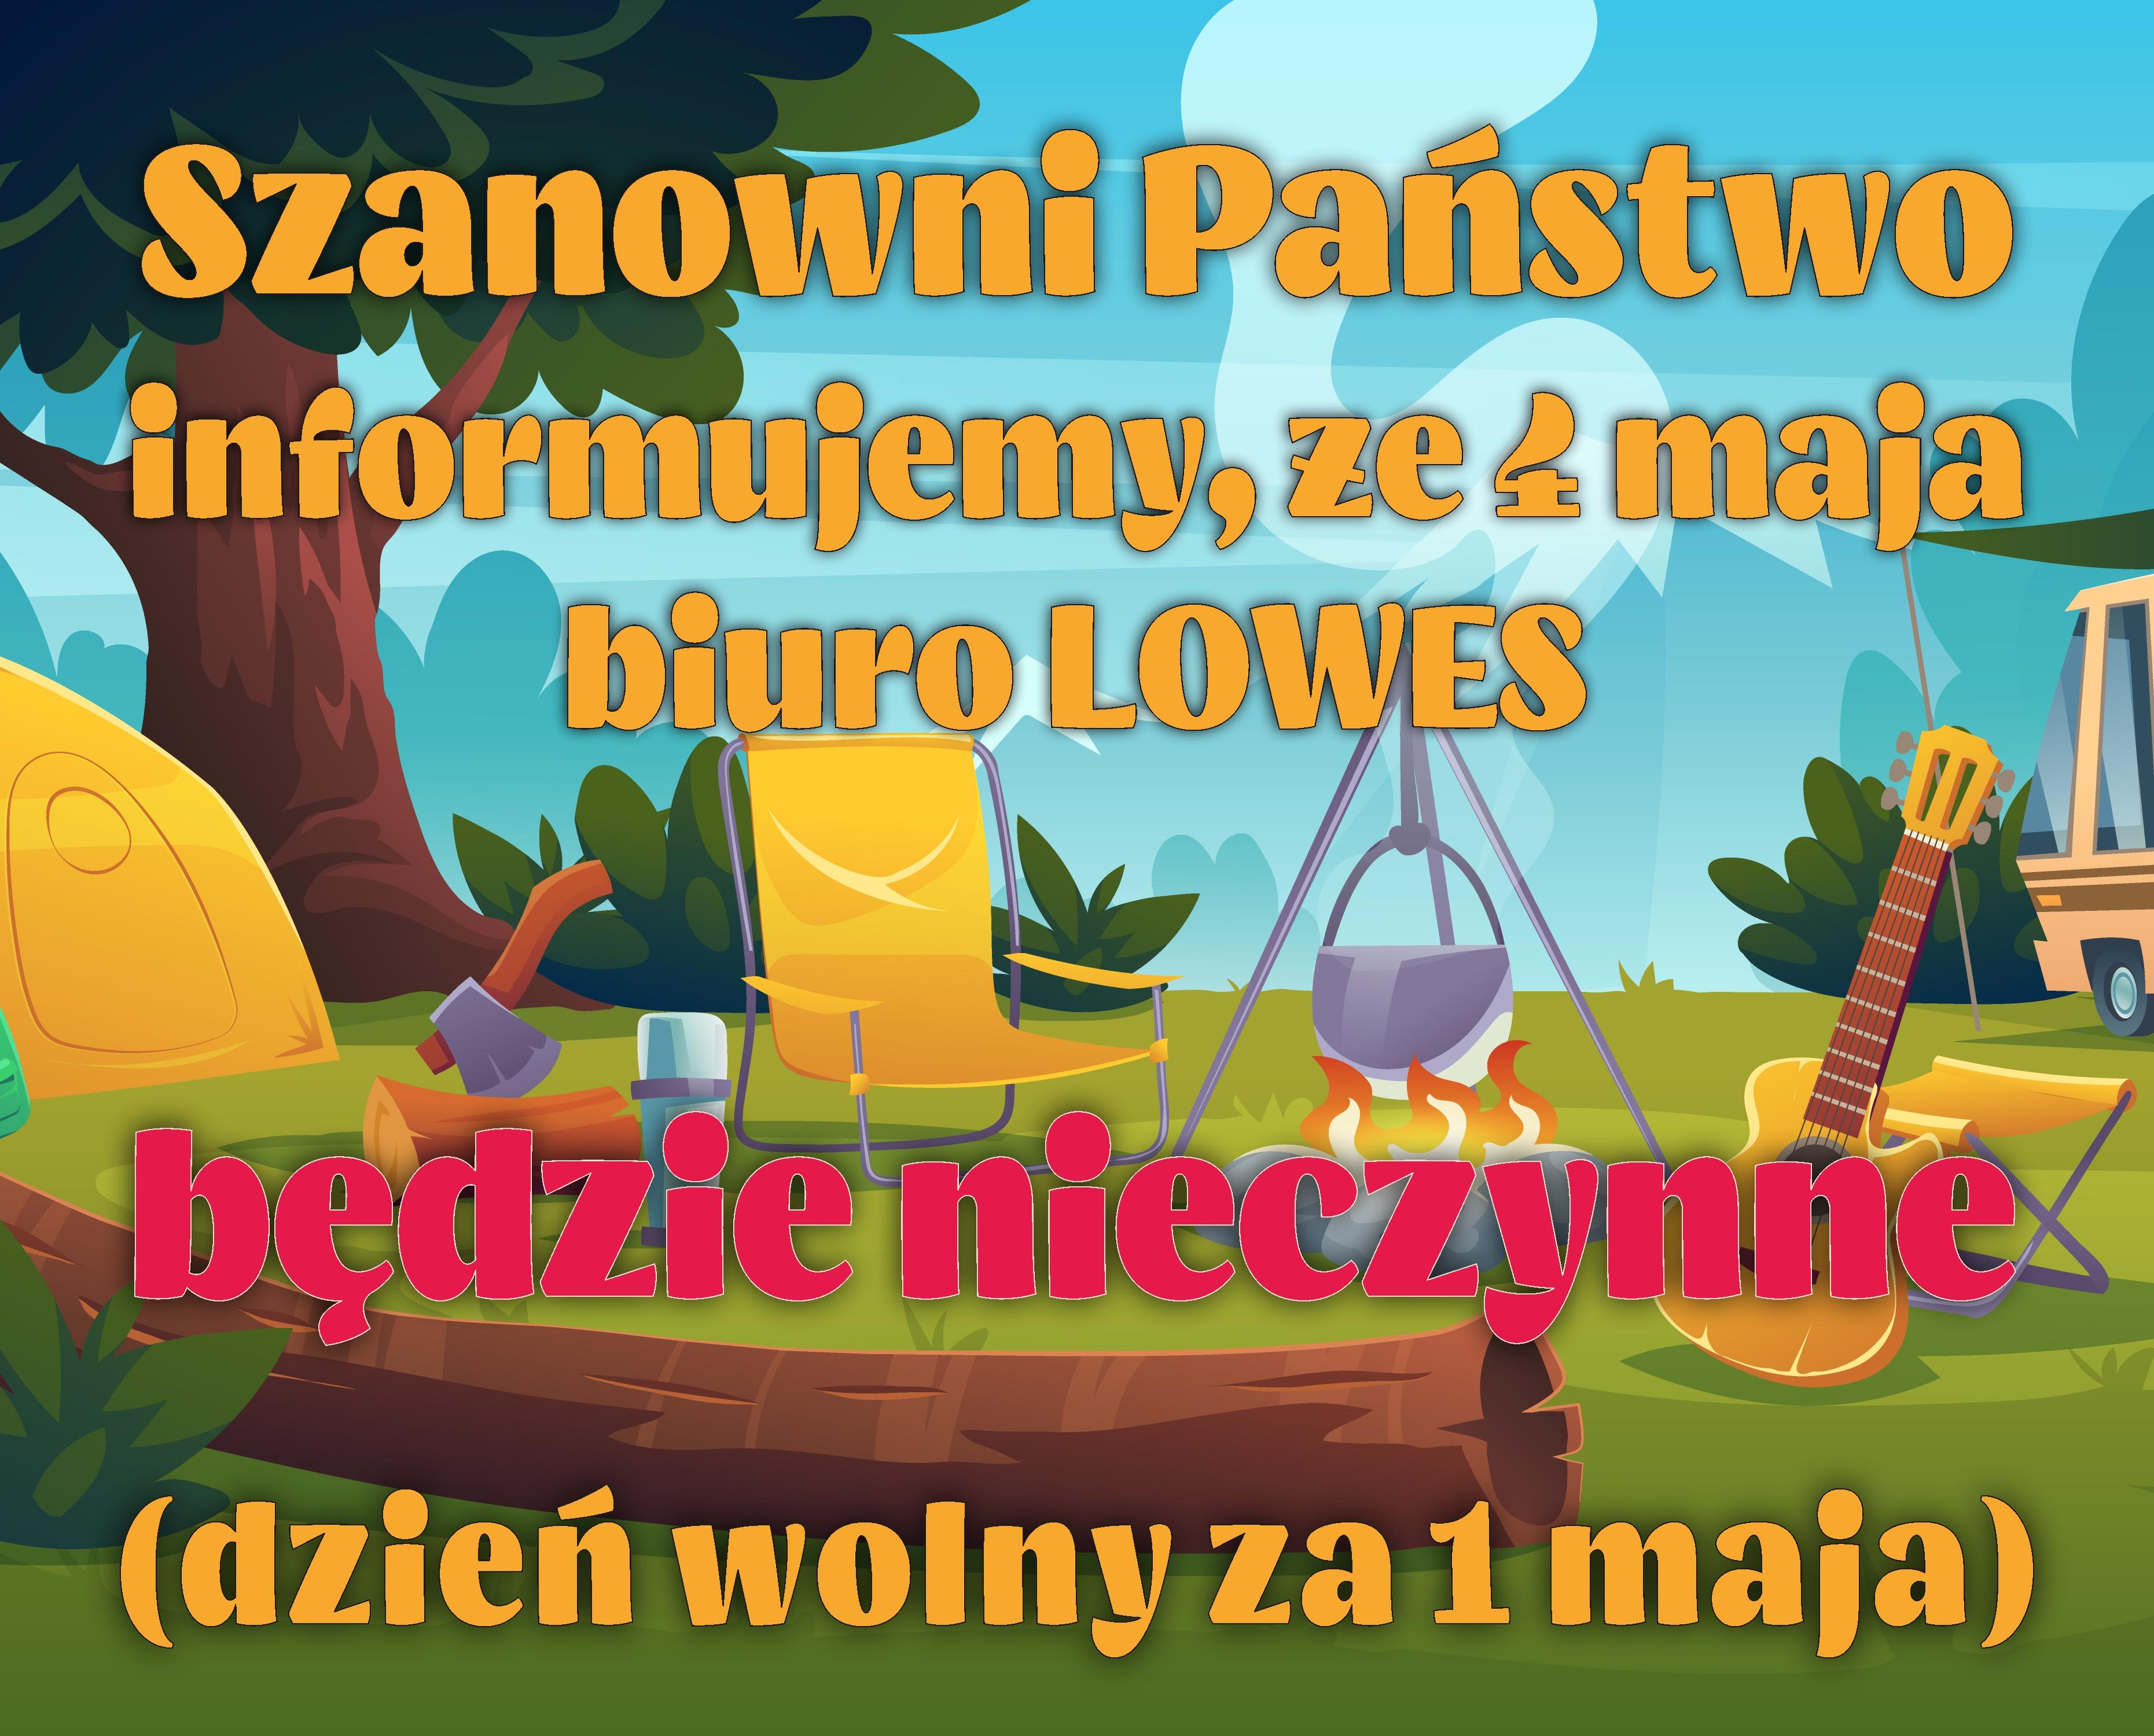 4 maja biuro LOWES będzie nieczynne